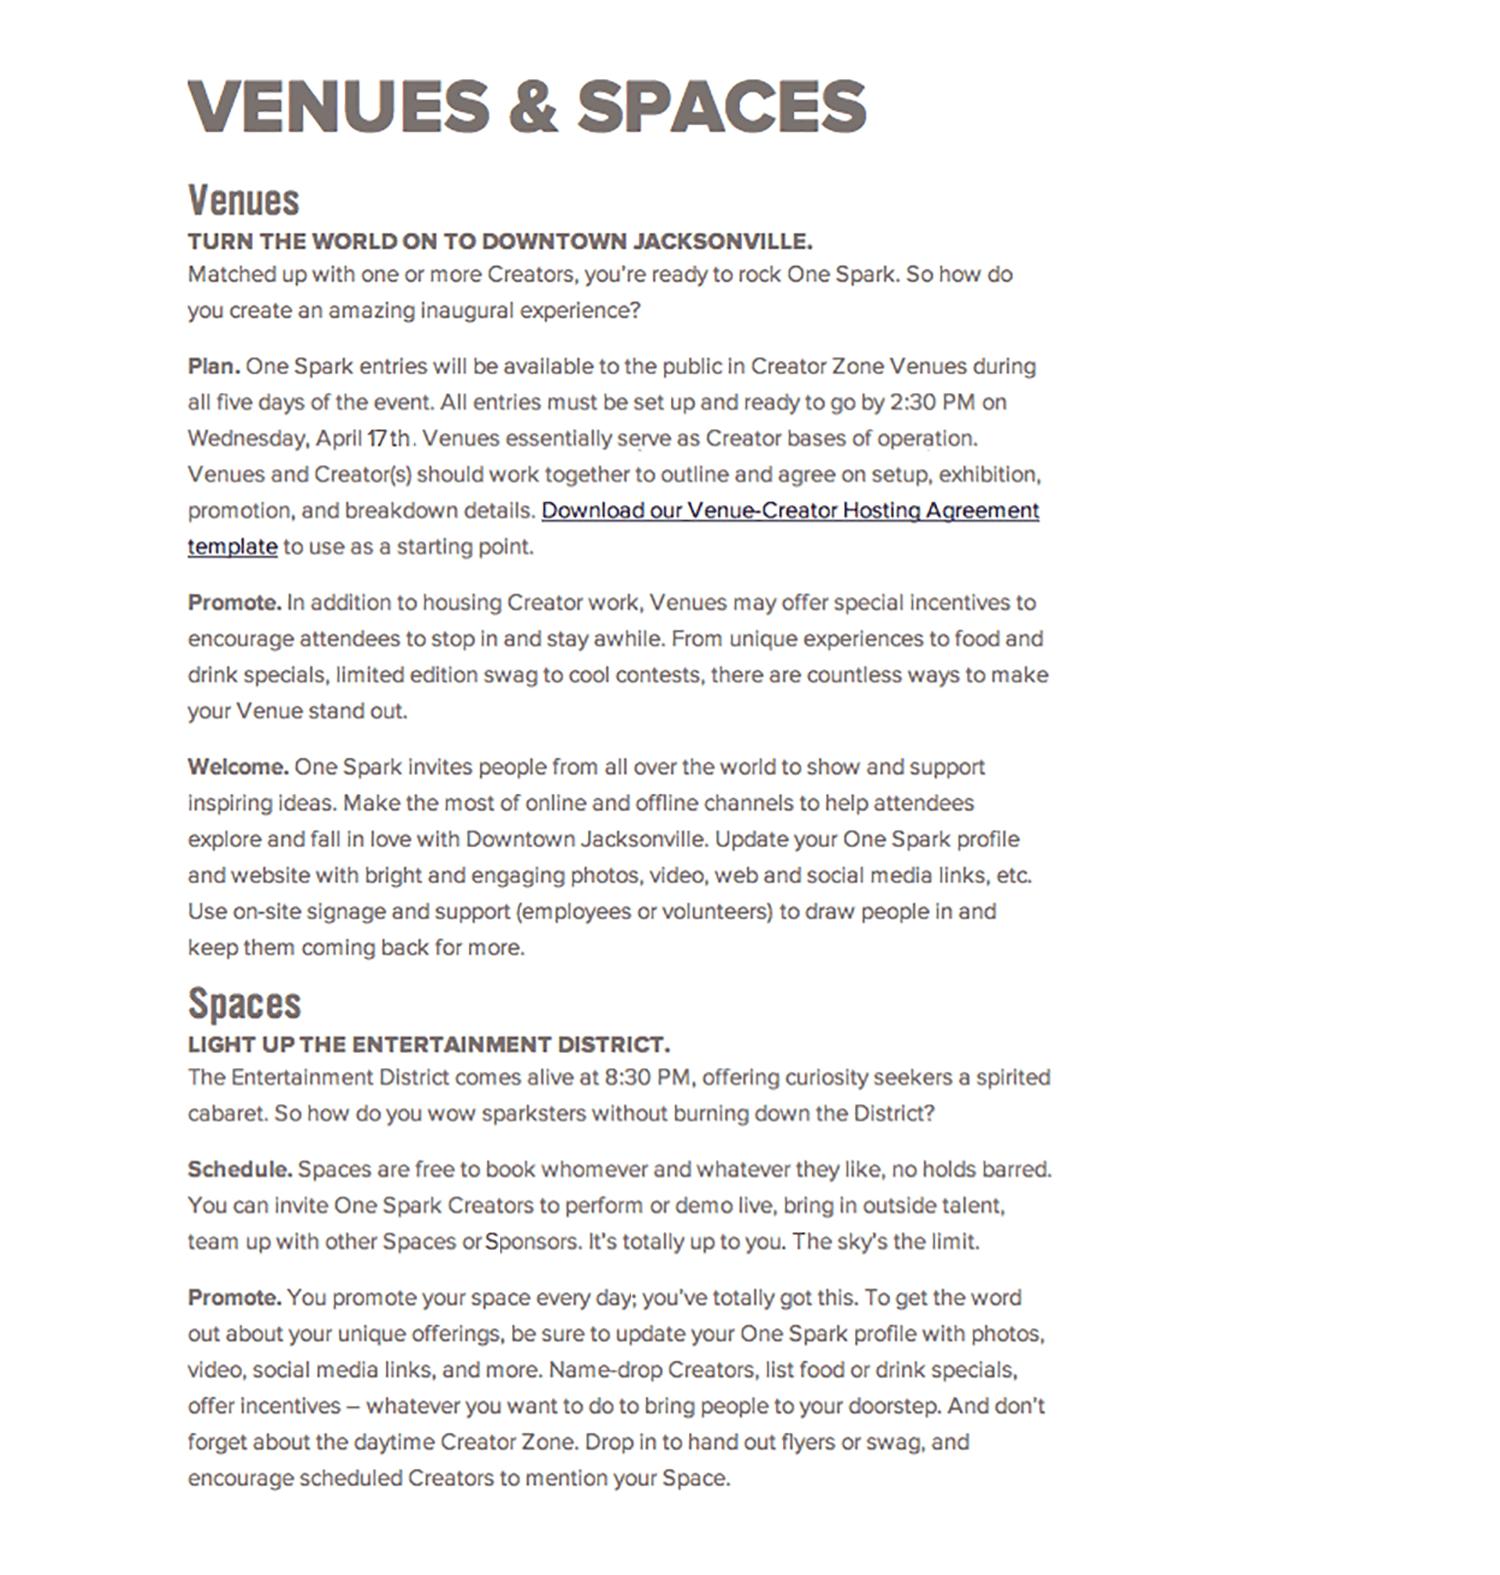 site-venues-spaces.png